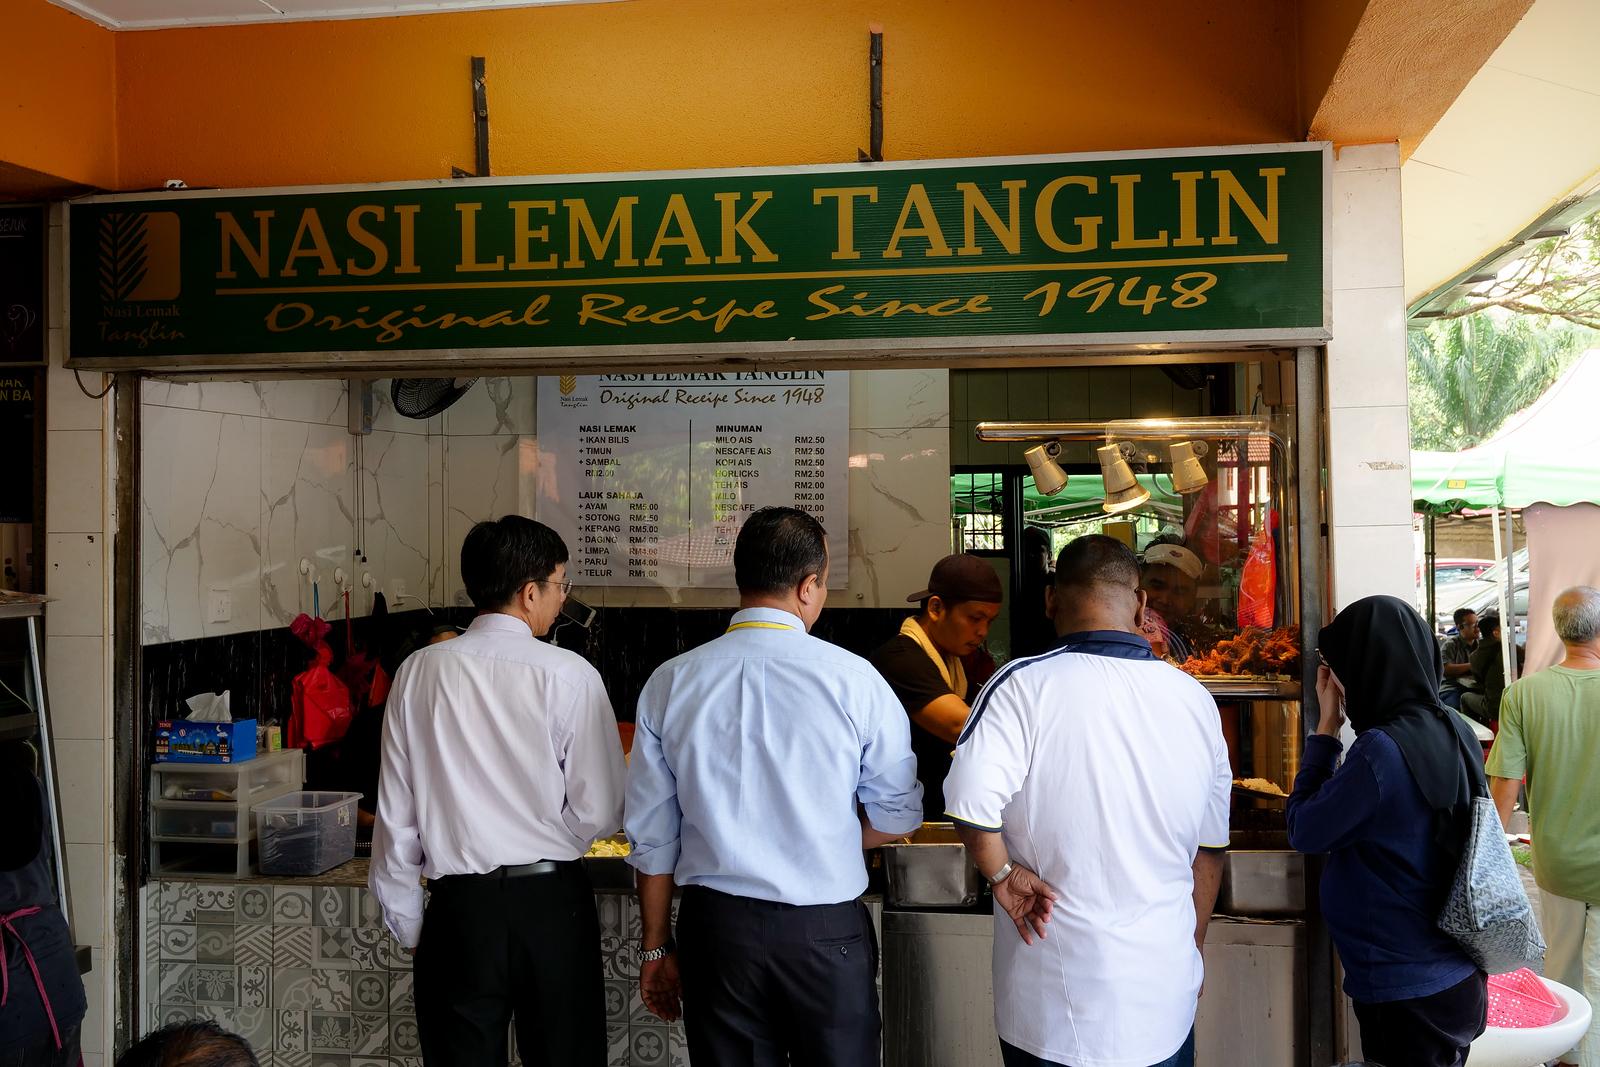 自1948年以来打开,这家餐厅是在马来西亚吉隆坡的Nasi Lemak的着名地点